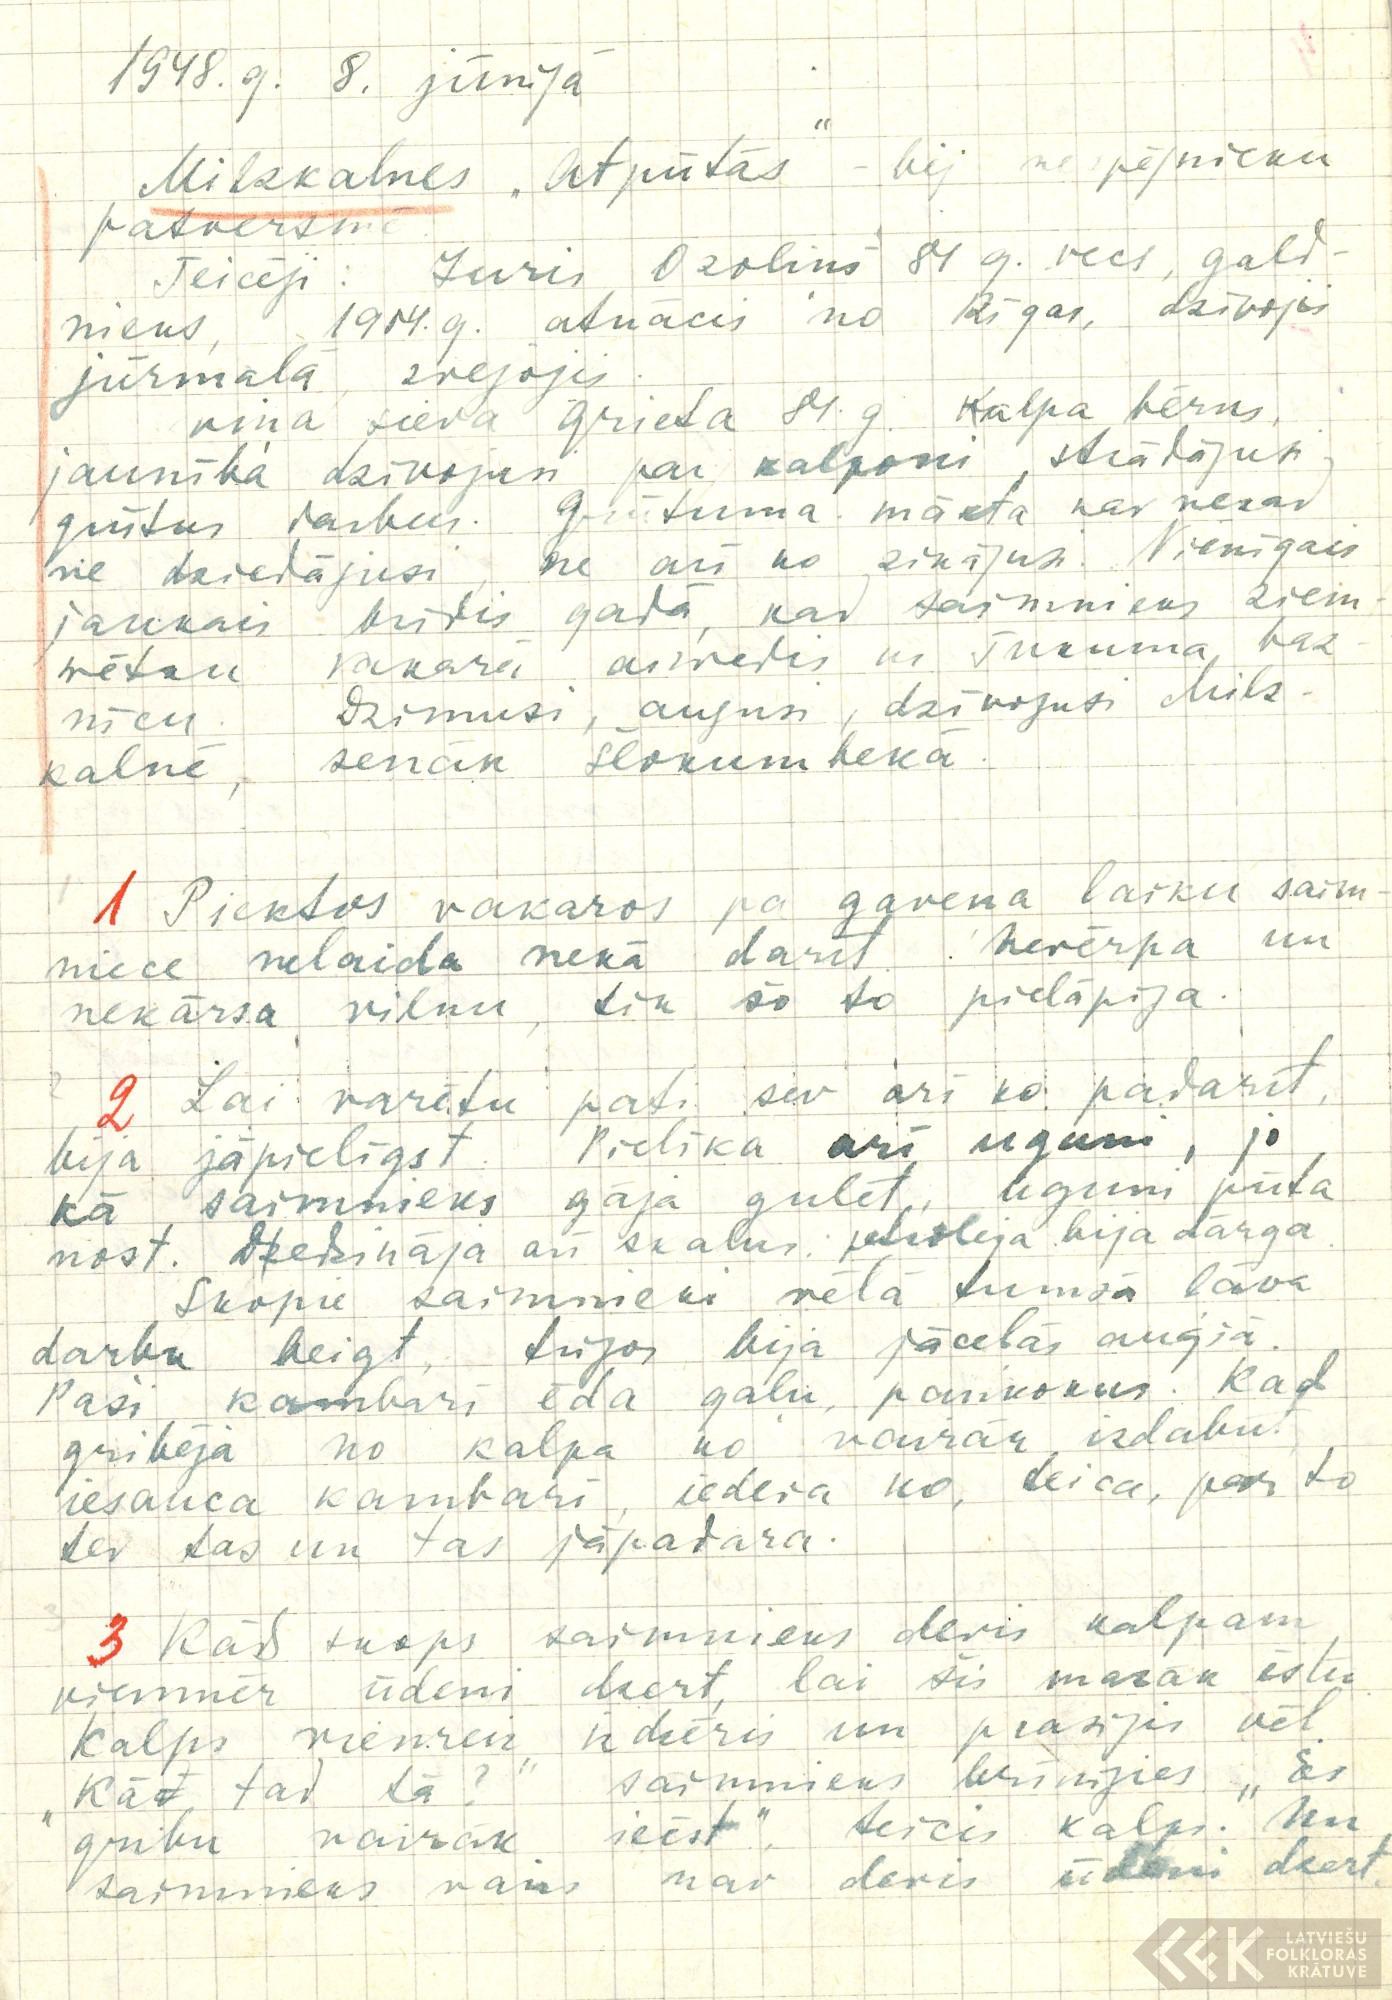 1835-zinatniska-ekspedicija-Tukuma-01-0004